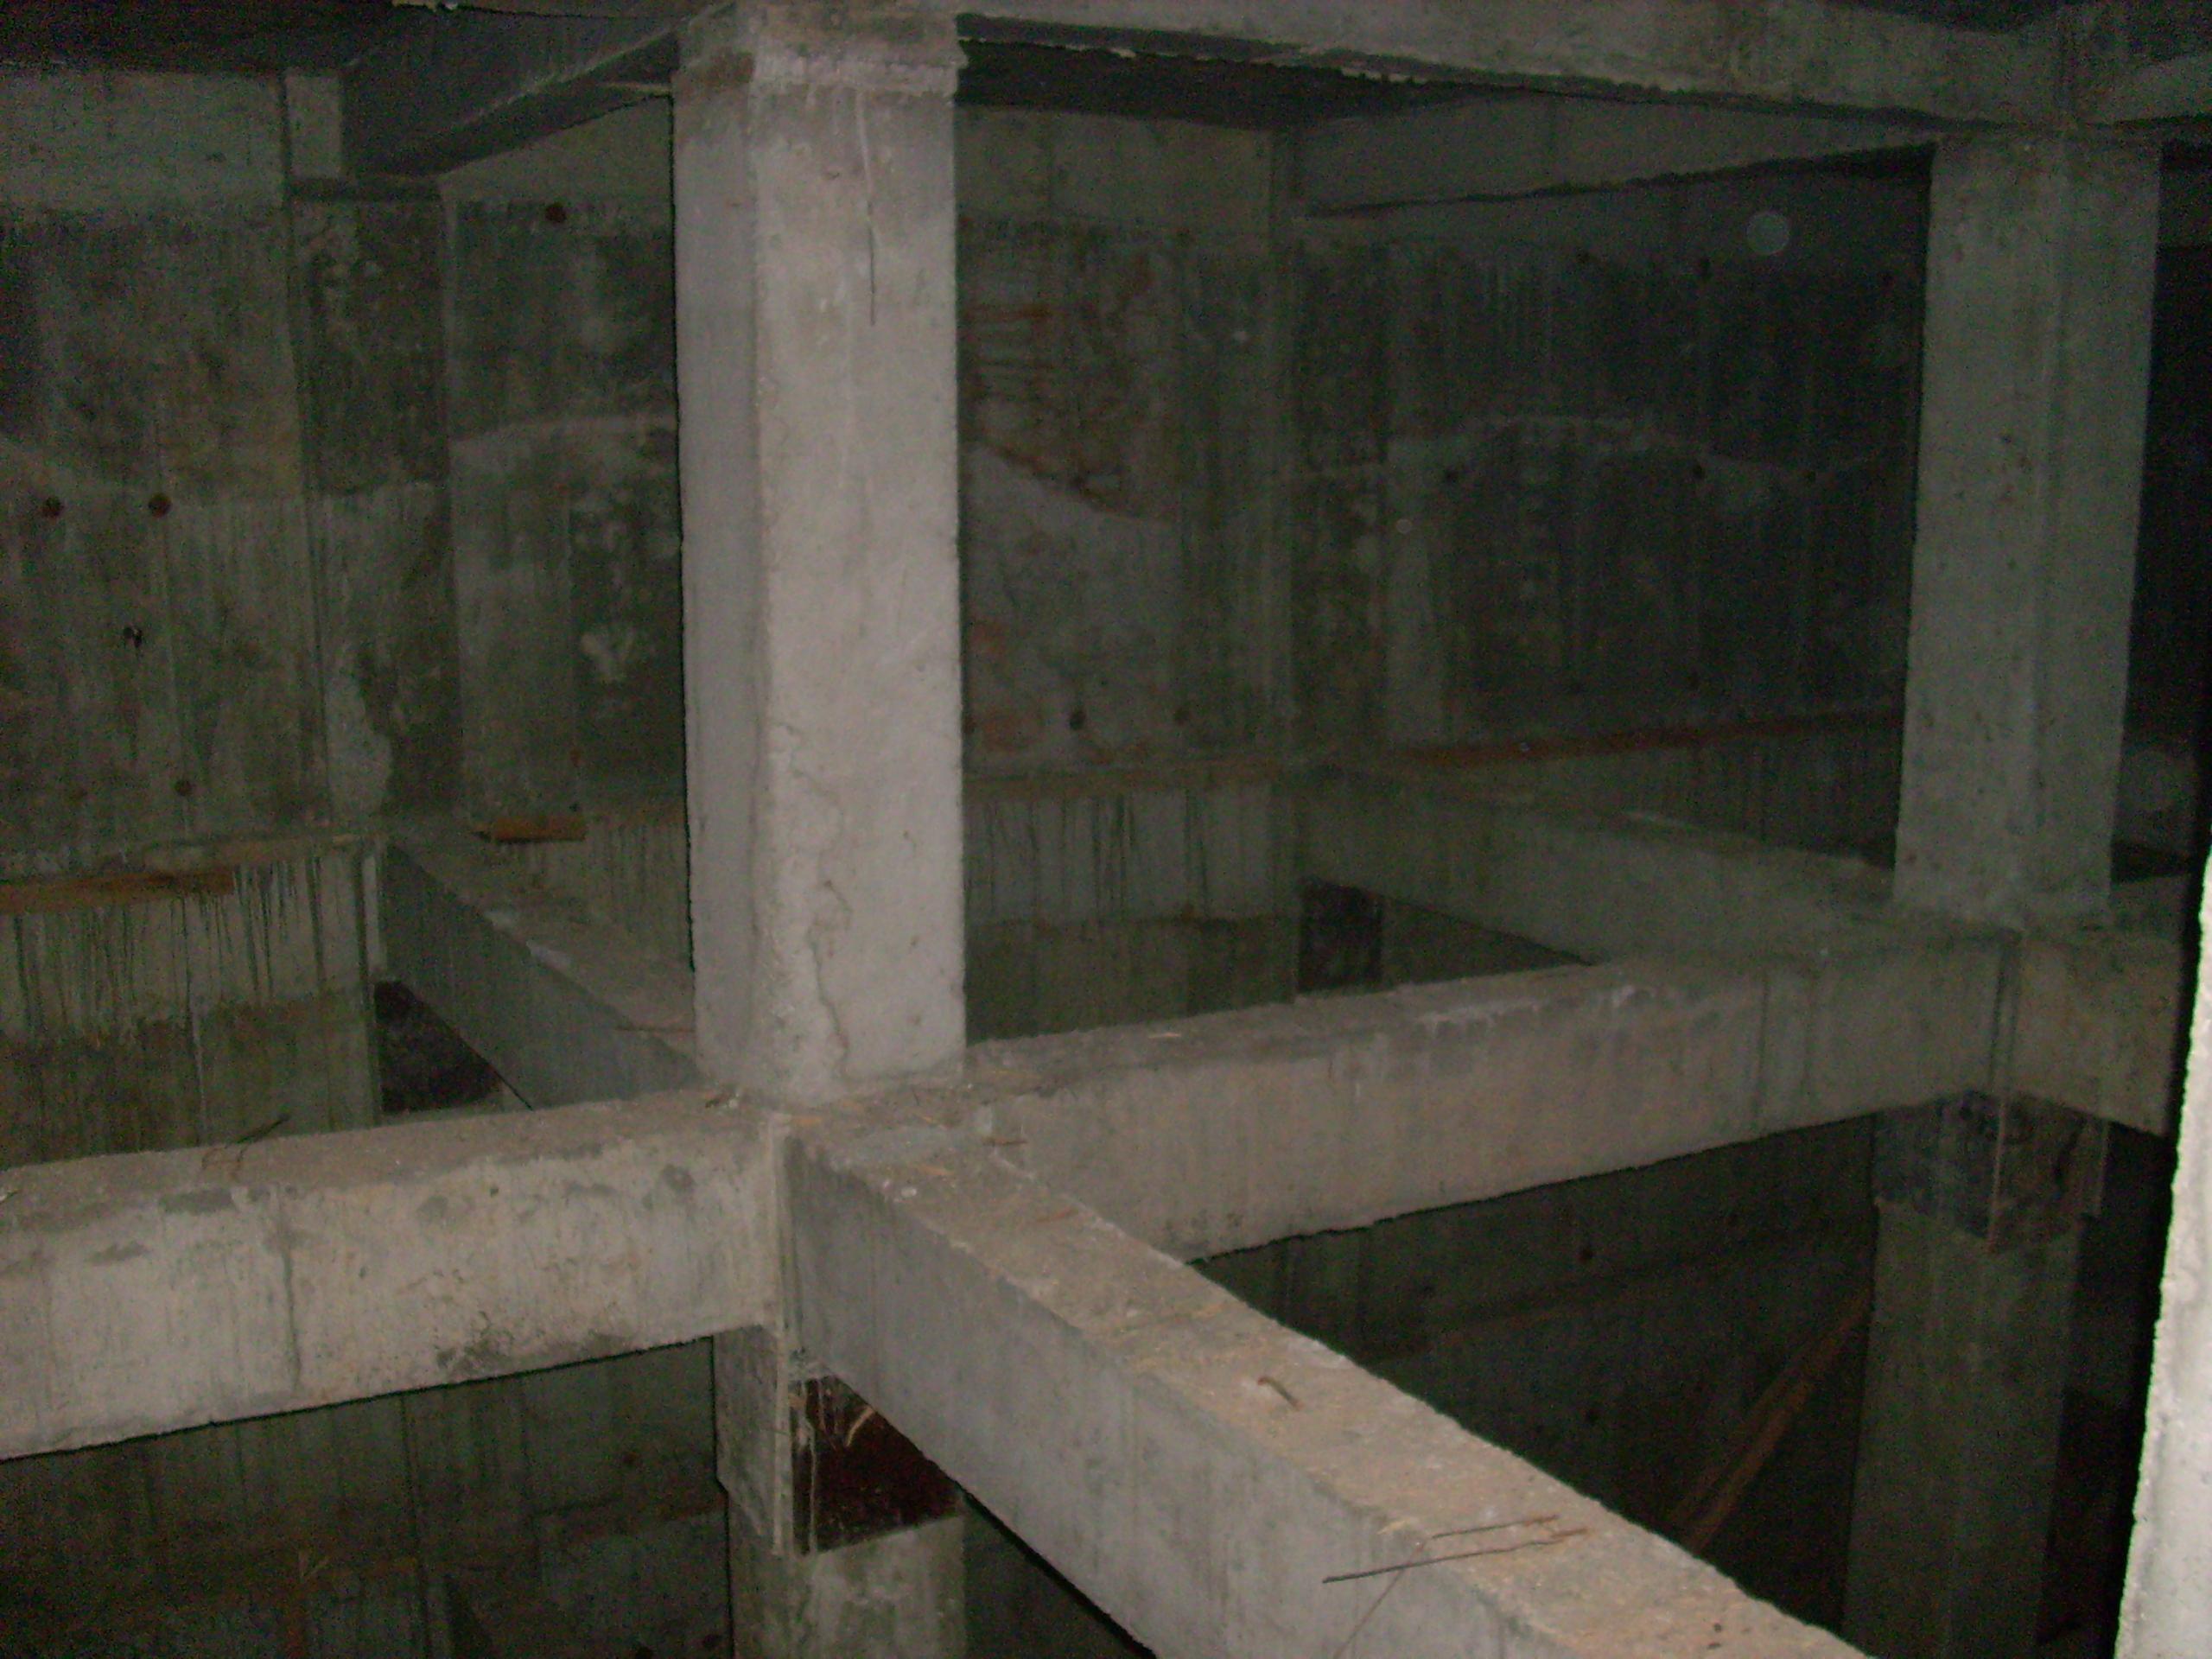 Etansare gauri tiranti - PRO HOTELS - Bazin apa - Complexul City Confort UNICO PROFIT - Poza 1